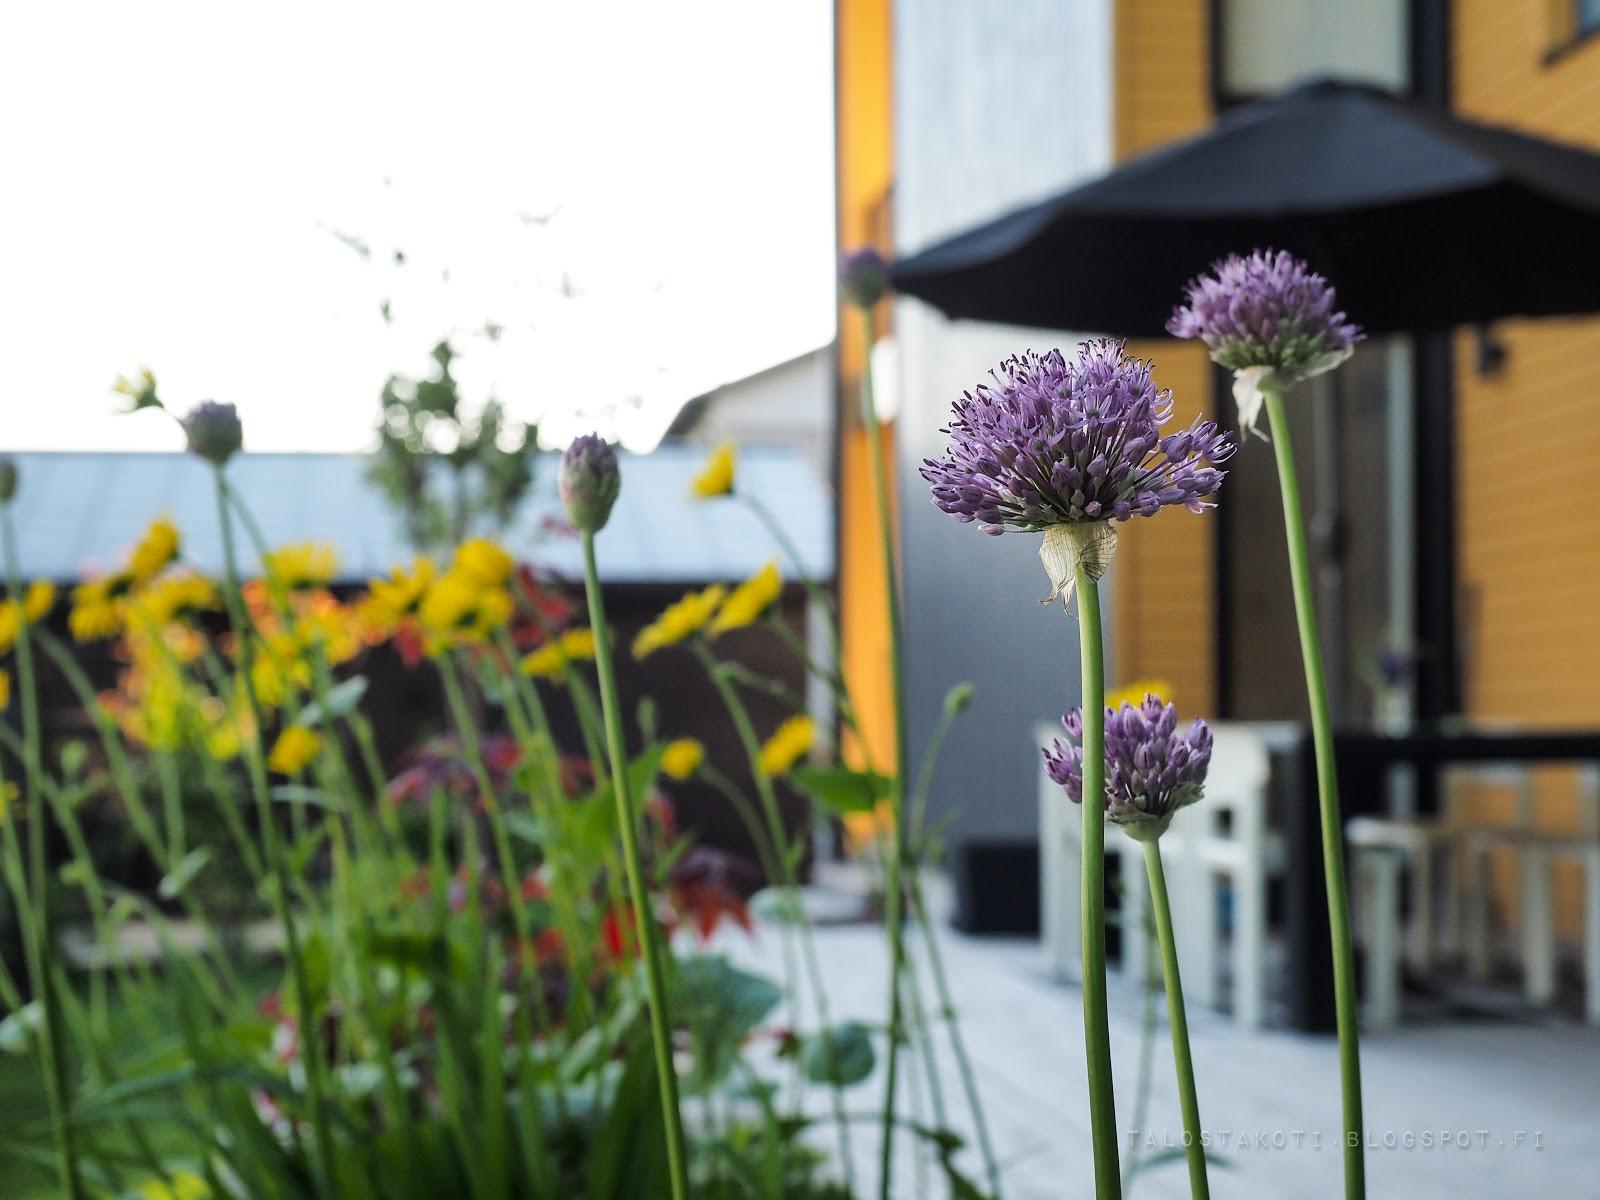 puutarha, kukkia, betoninen istutusallas